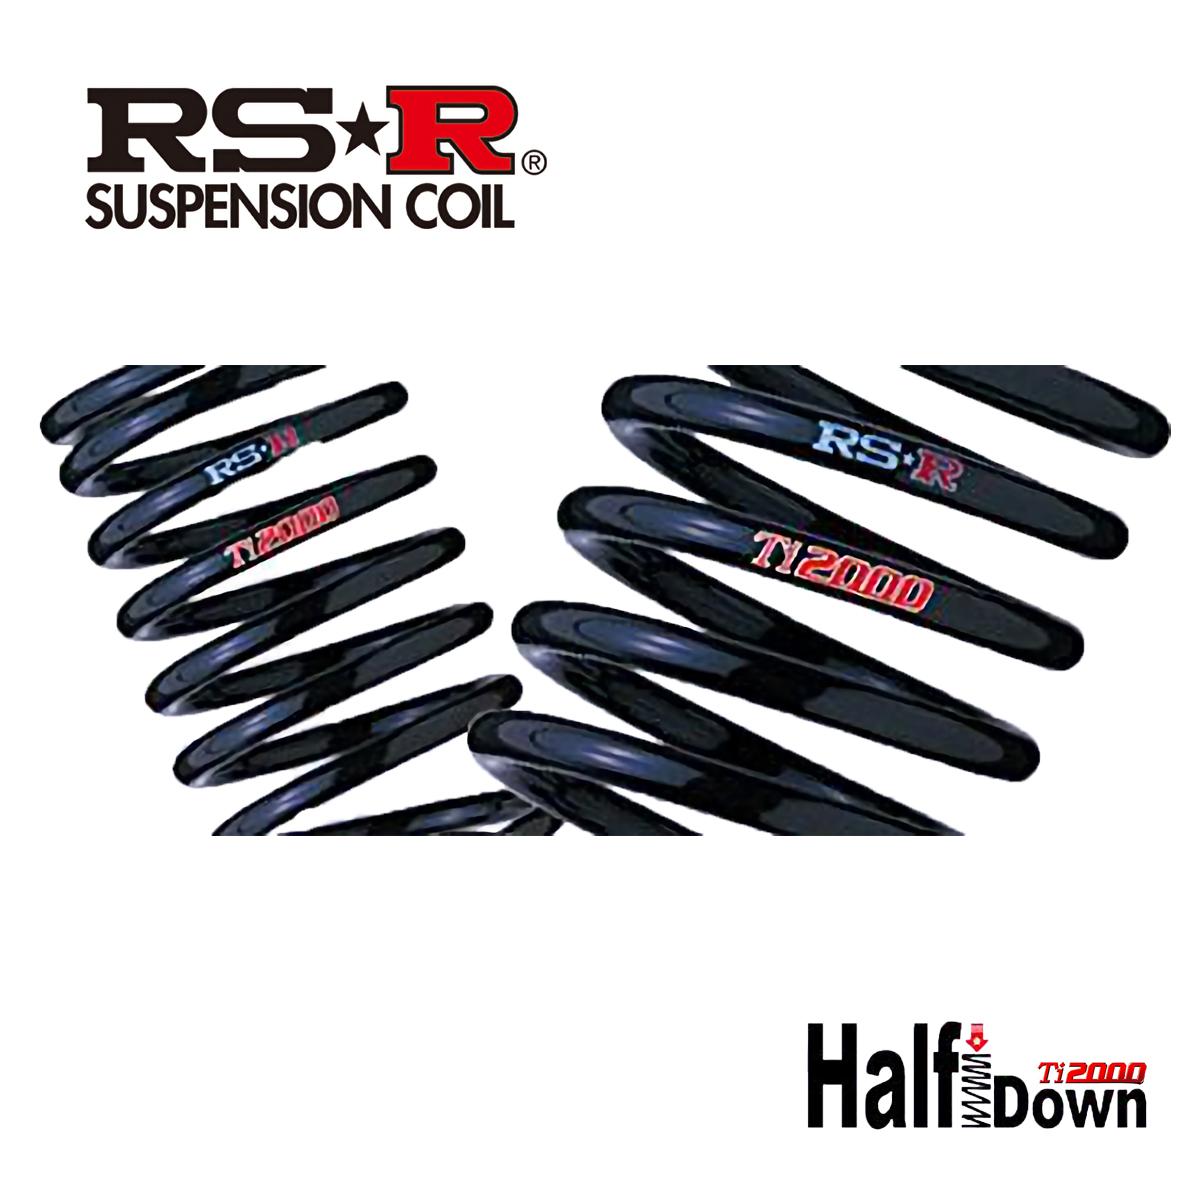 【RSR/アルトエコ/HA35S/ダウンサス/スプリング◆フロント*S170TDF/RS★R】